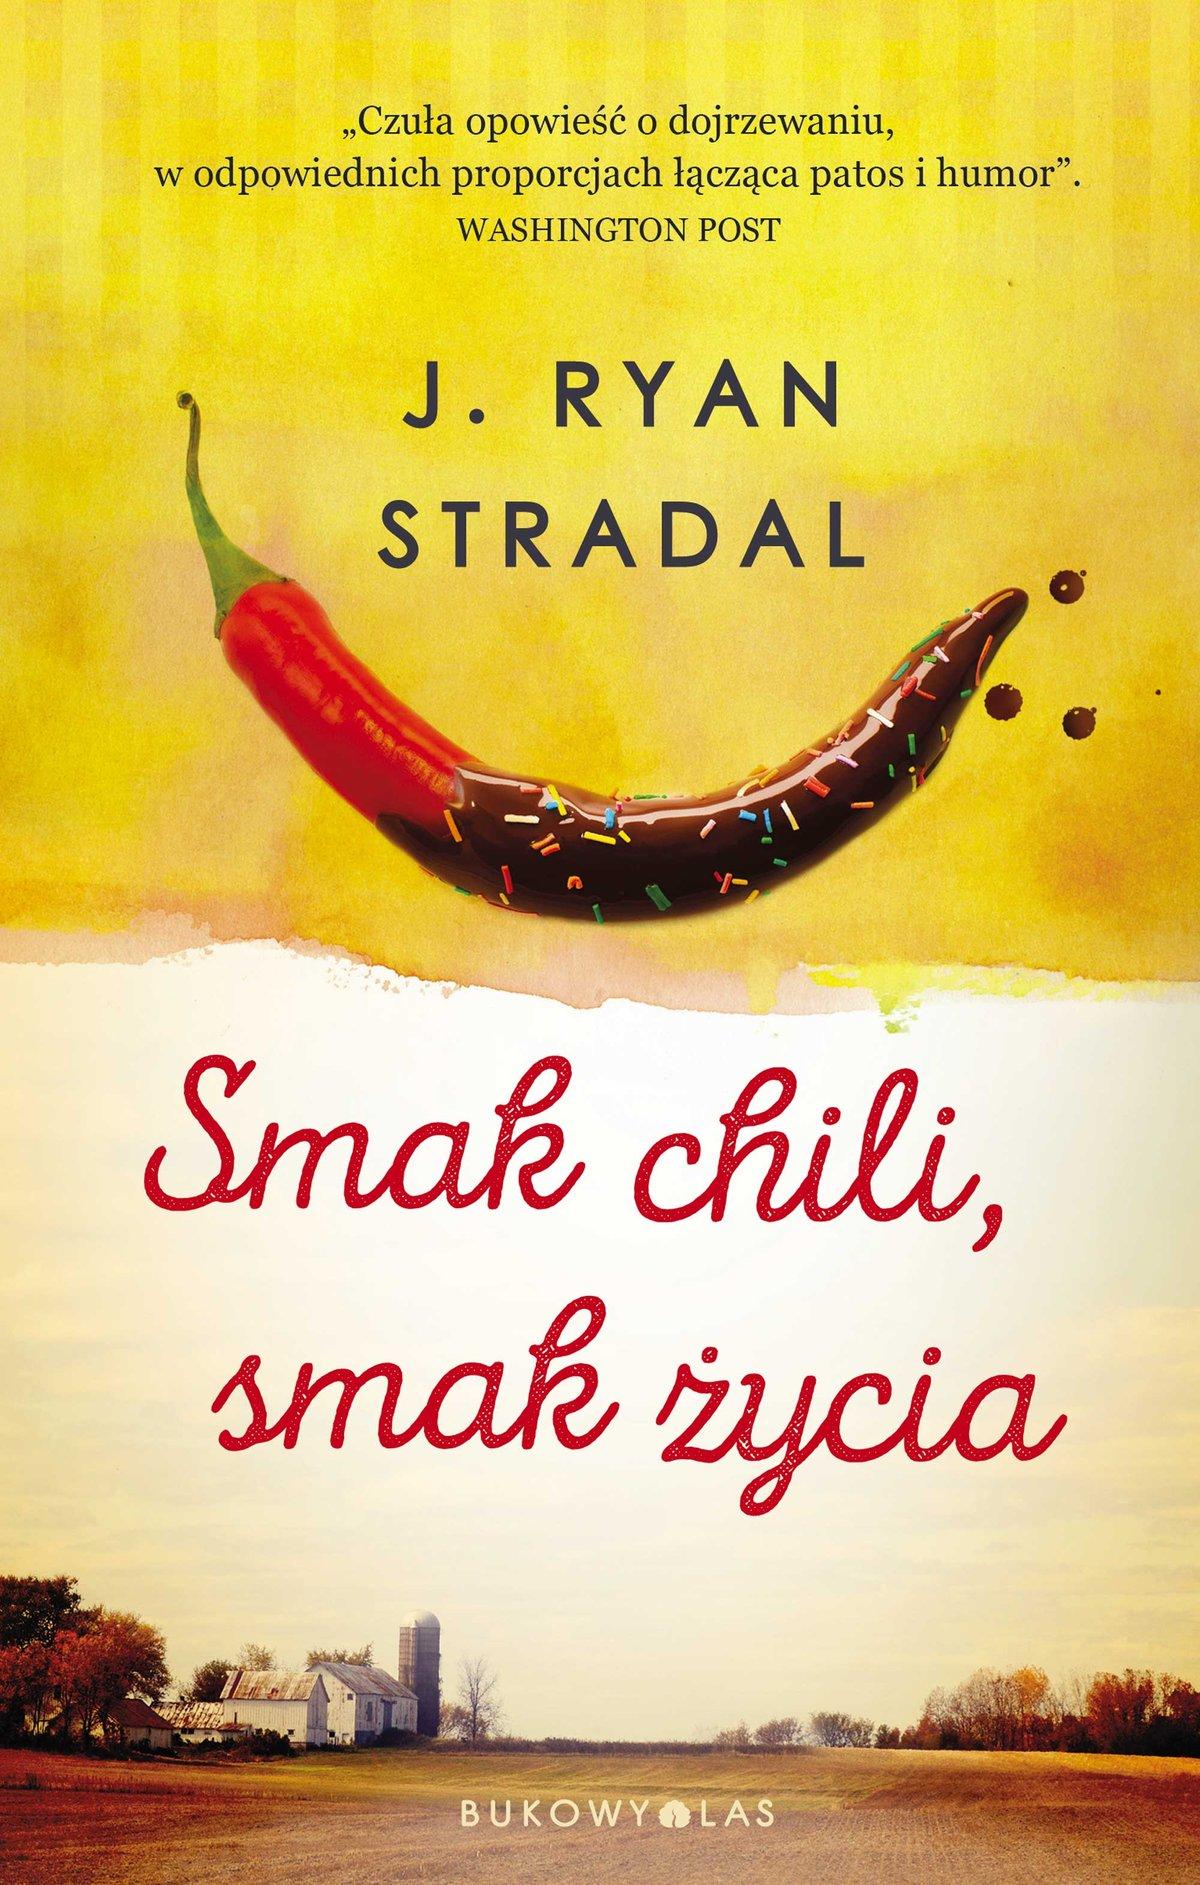 Smak chili, smak życia - Ebook (Książka EPUB) do pobrania w formacie EPUB